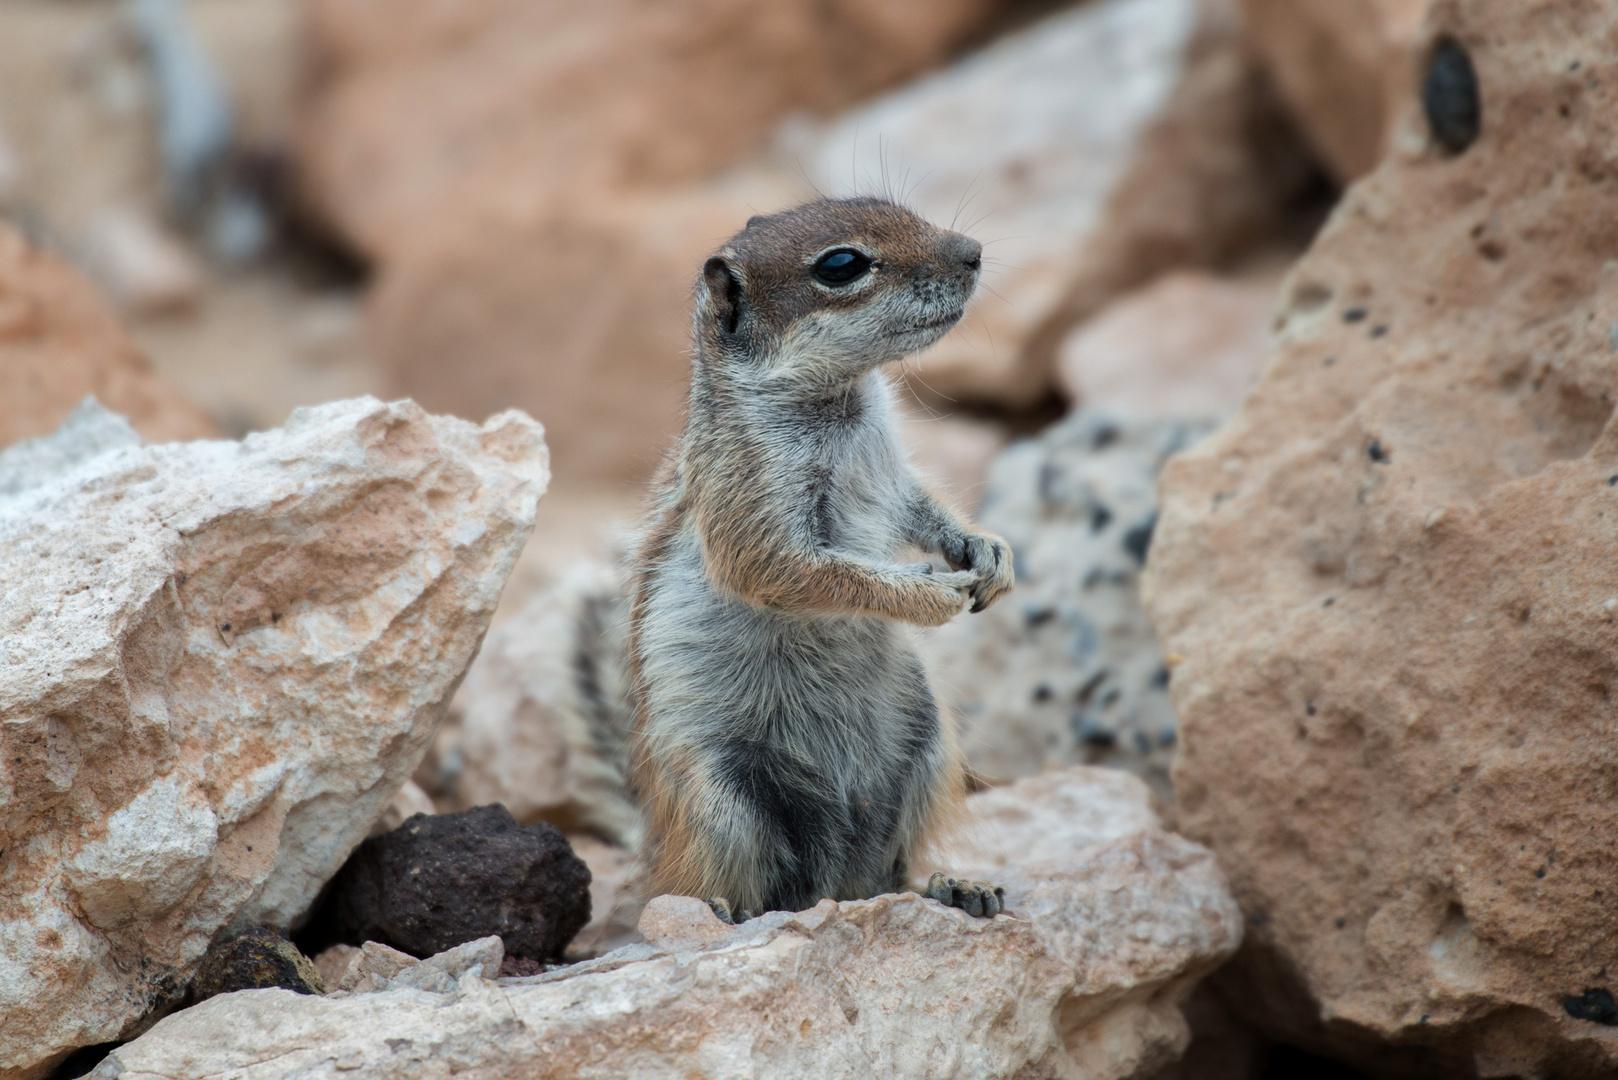 Ardilla-Moruna, Atlashörnchen auf der Insel Fuerteventura